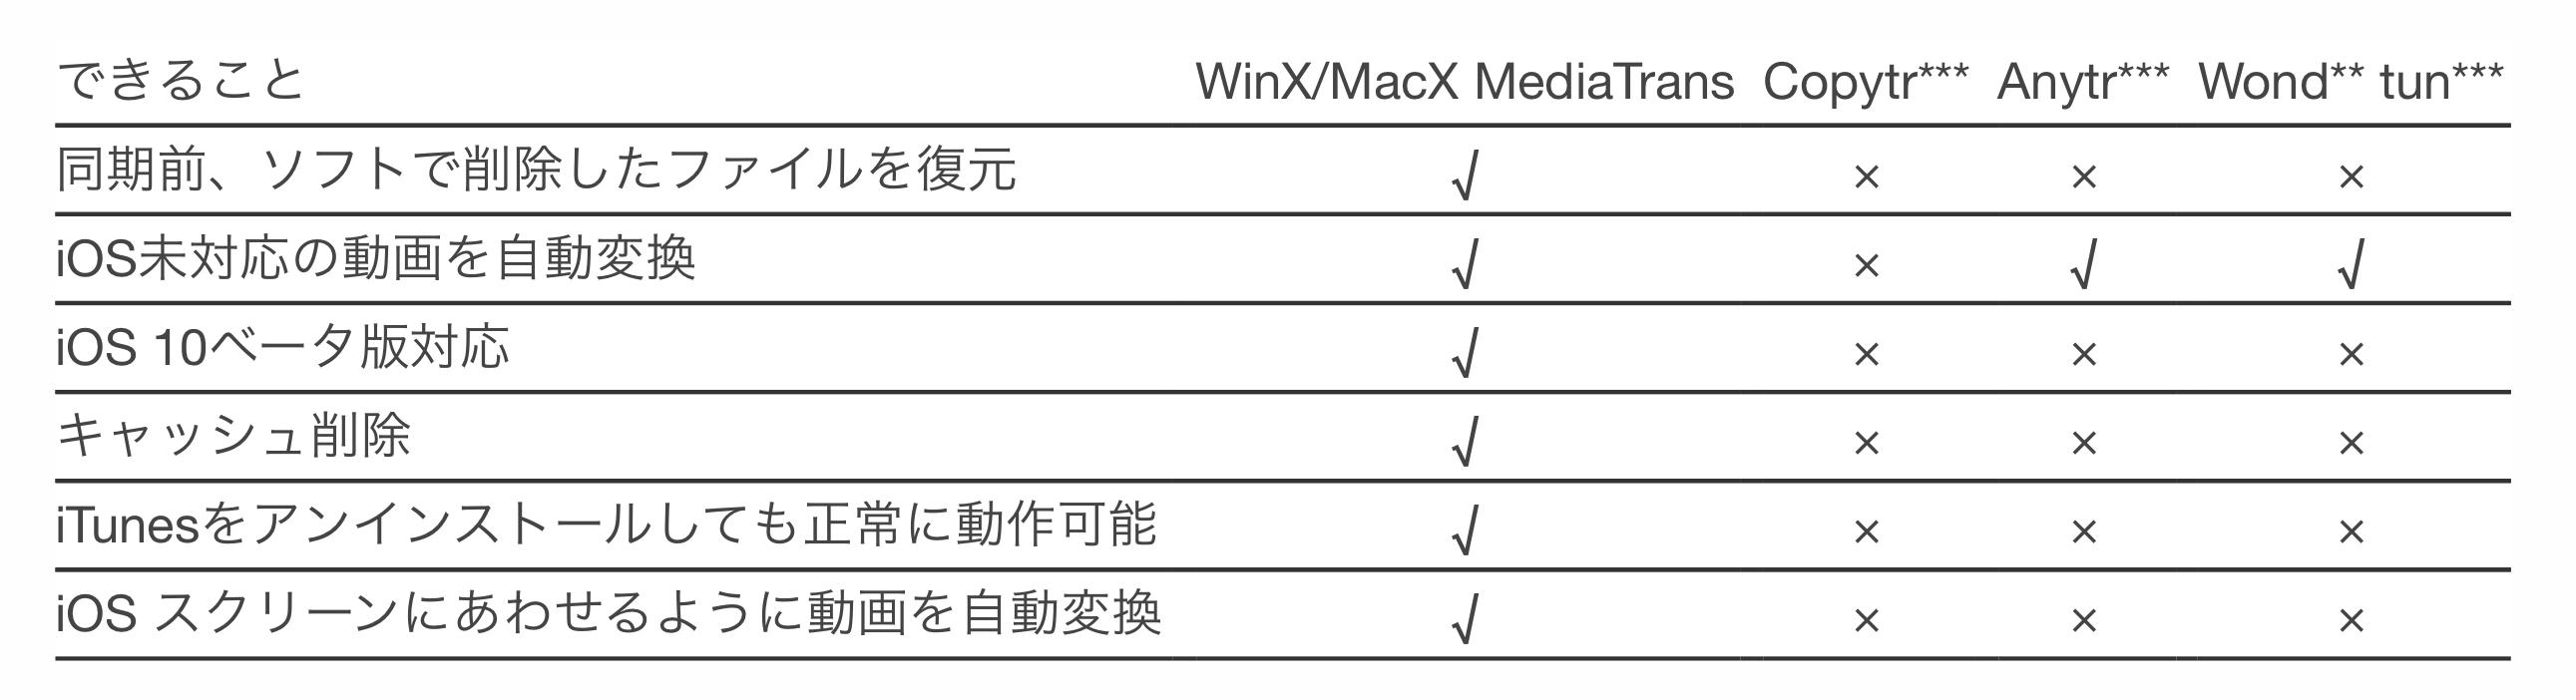 mediatrans_8